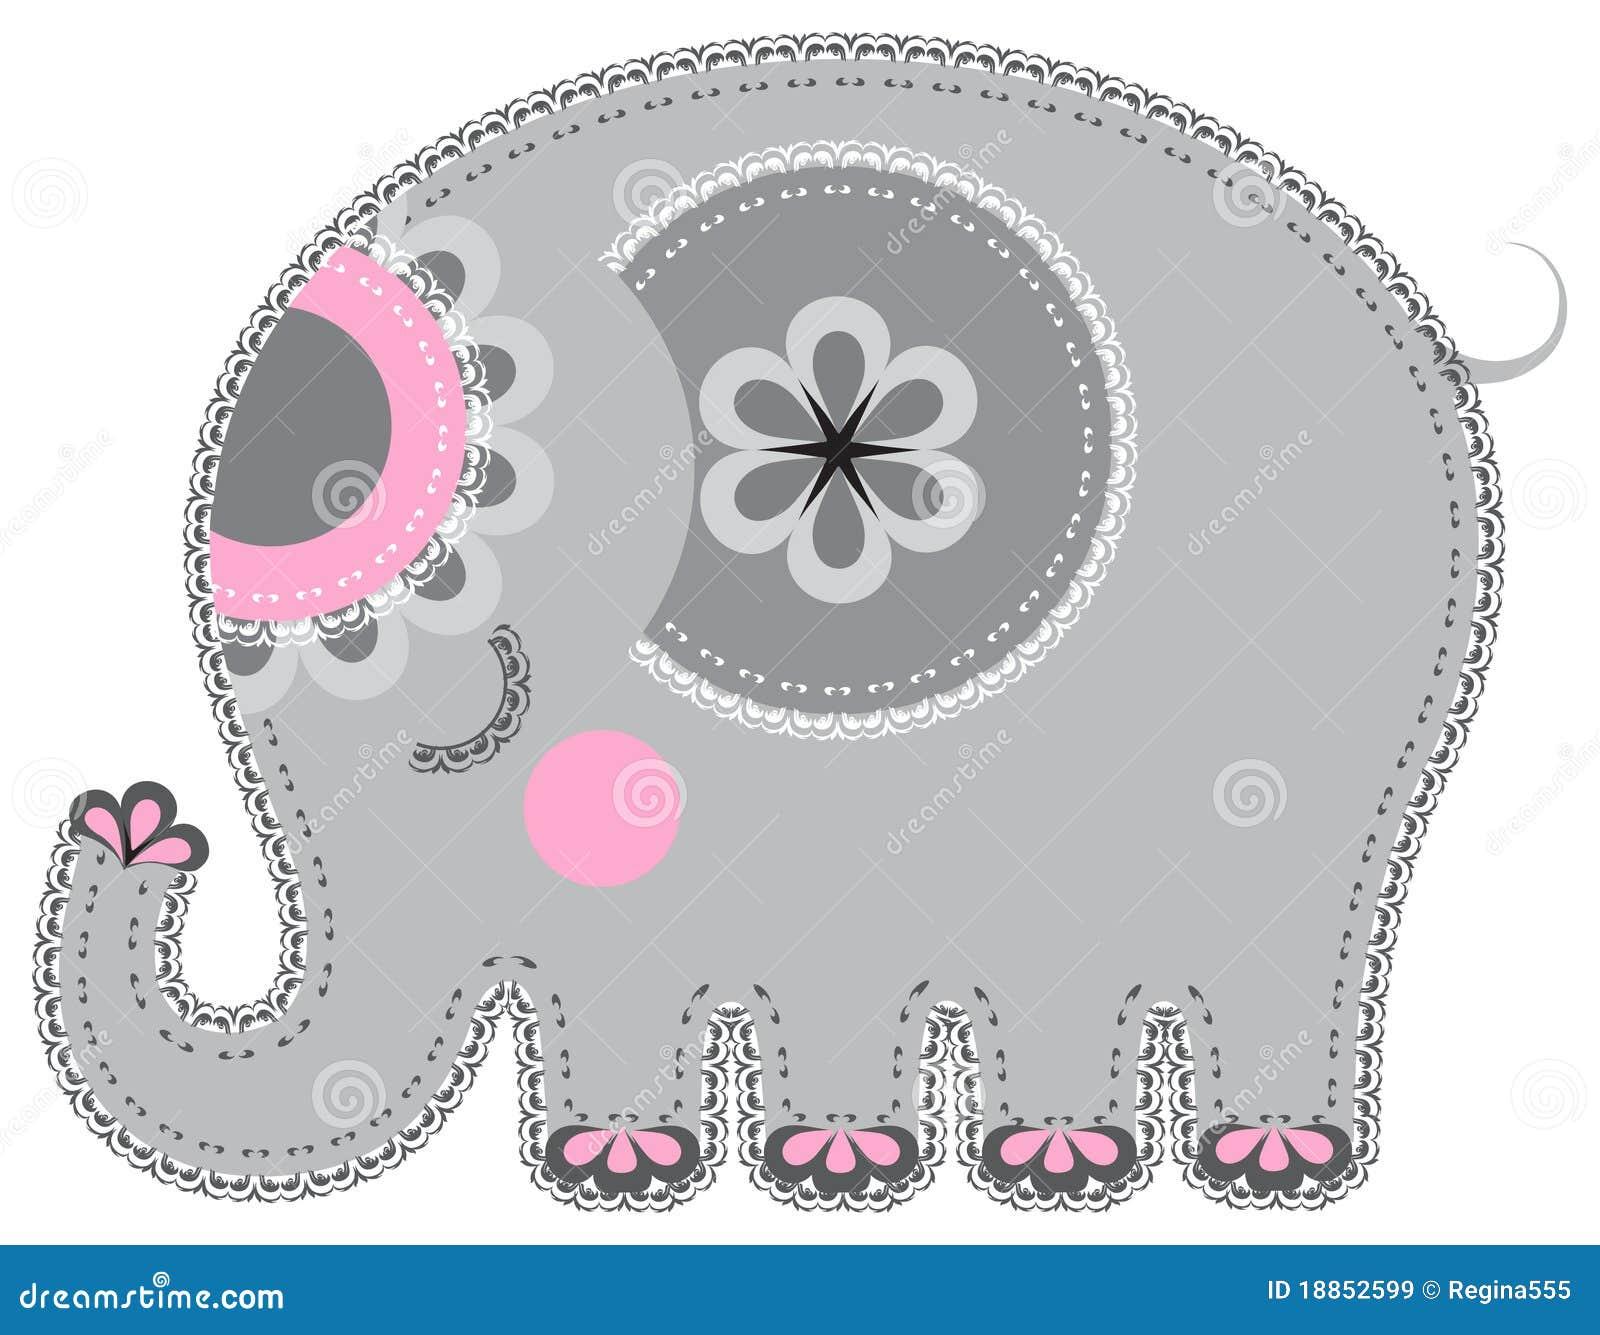 Entalhe do animal da tela. Elefante